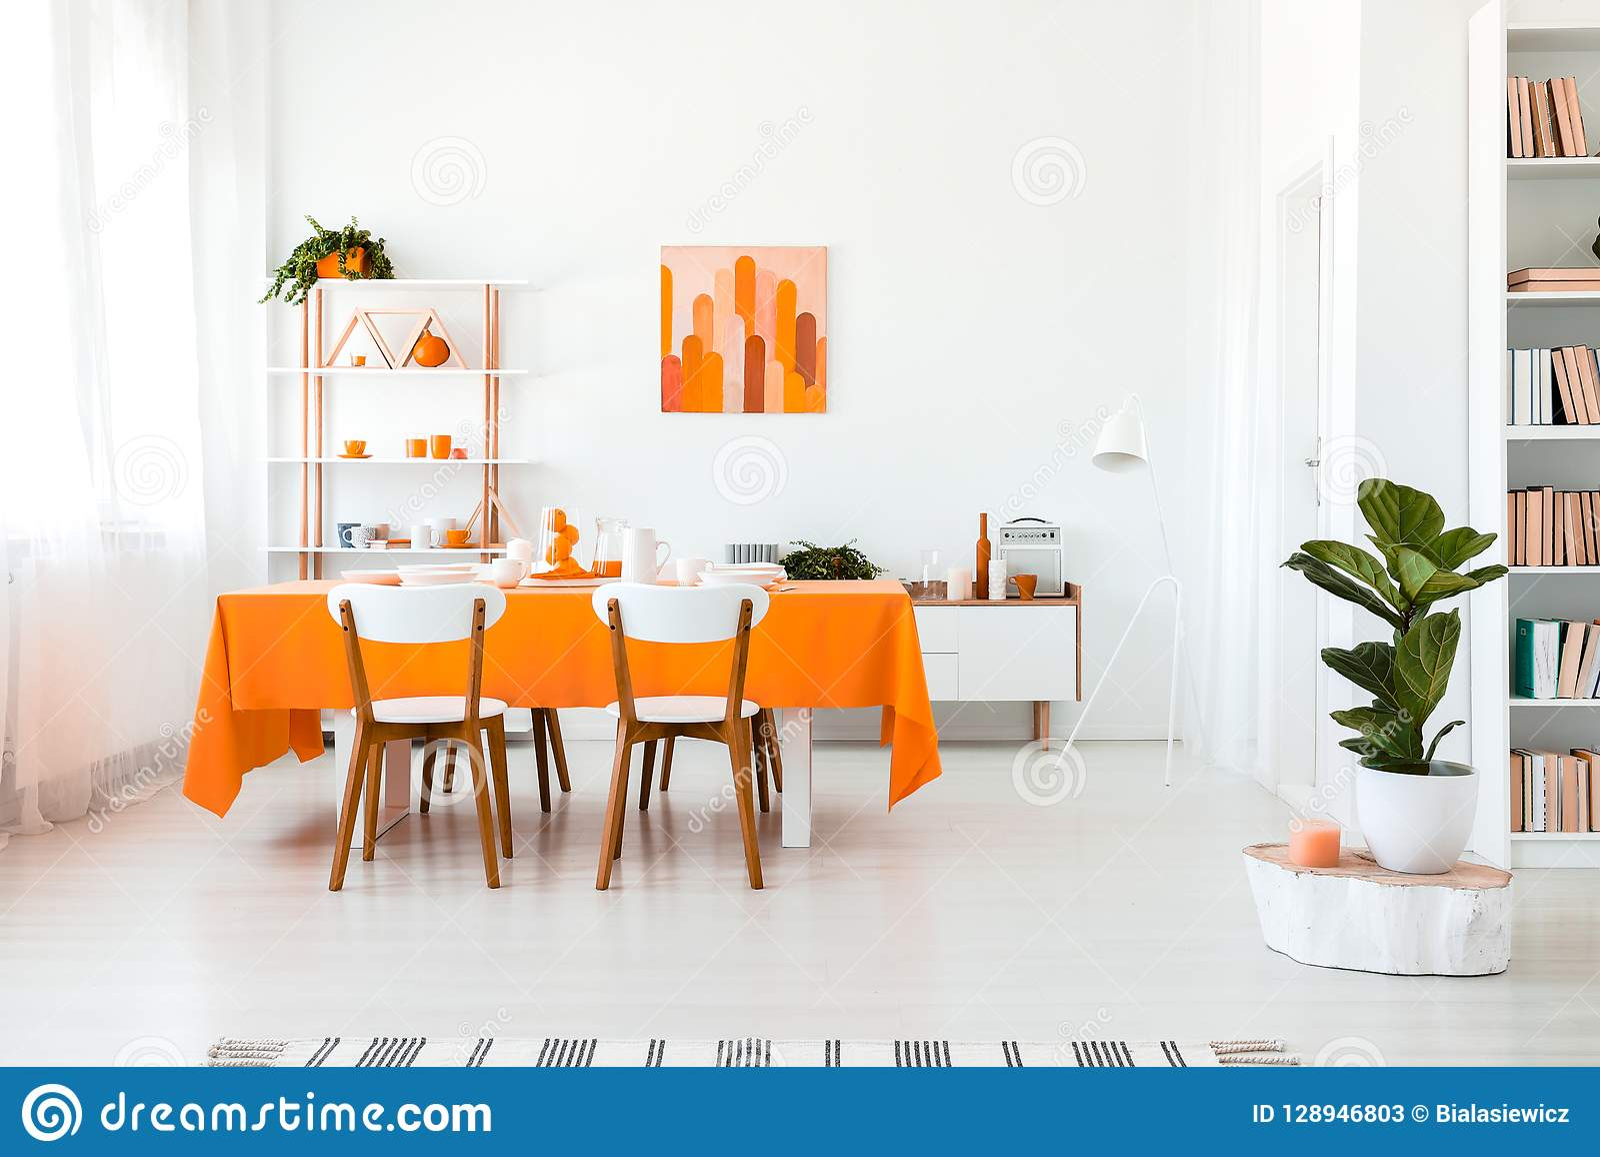 Comedor elegante pero simple en color vivo Concepto de diseño interior anaranjado y blanco